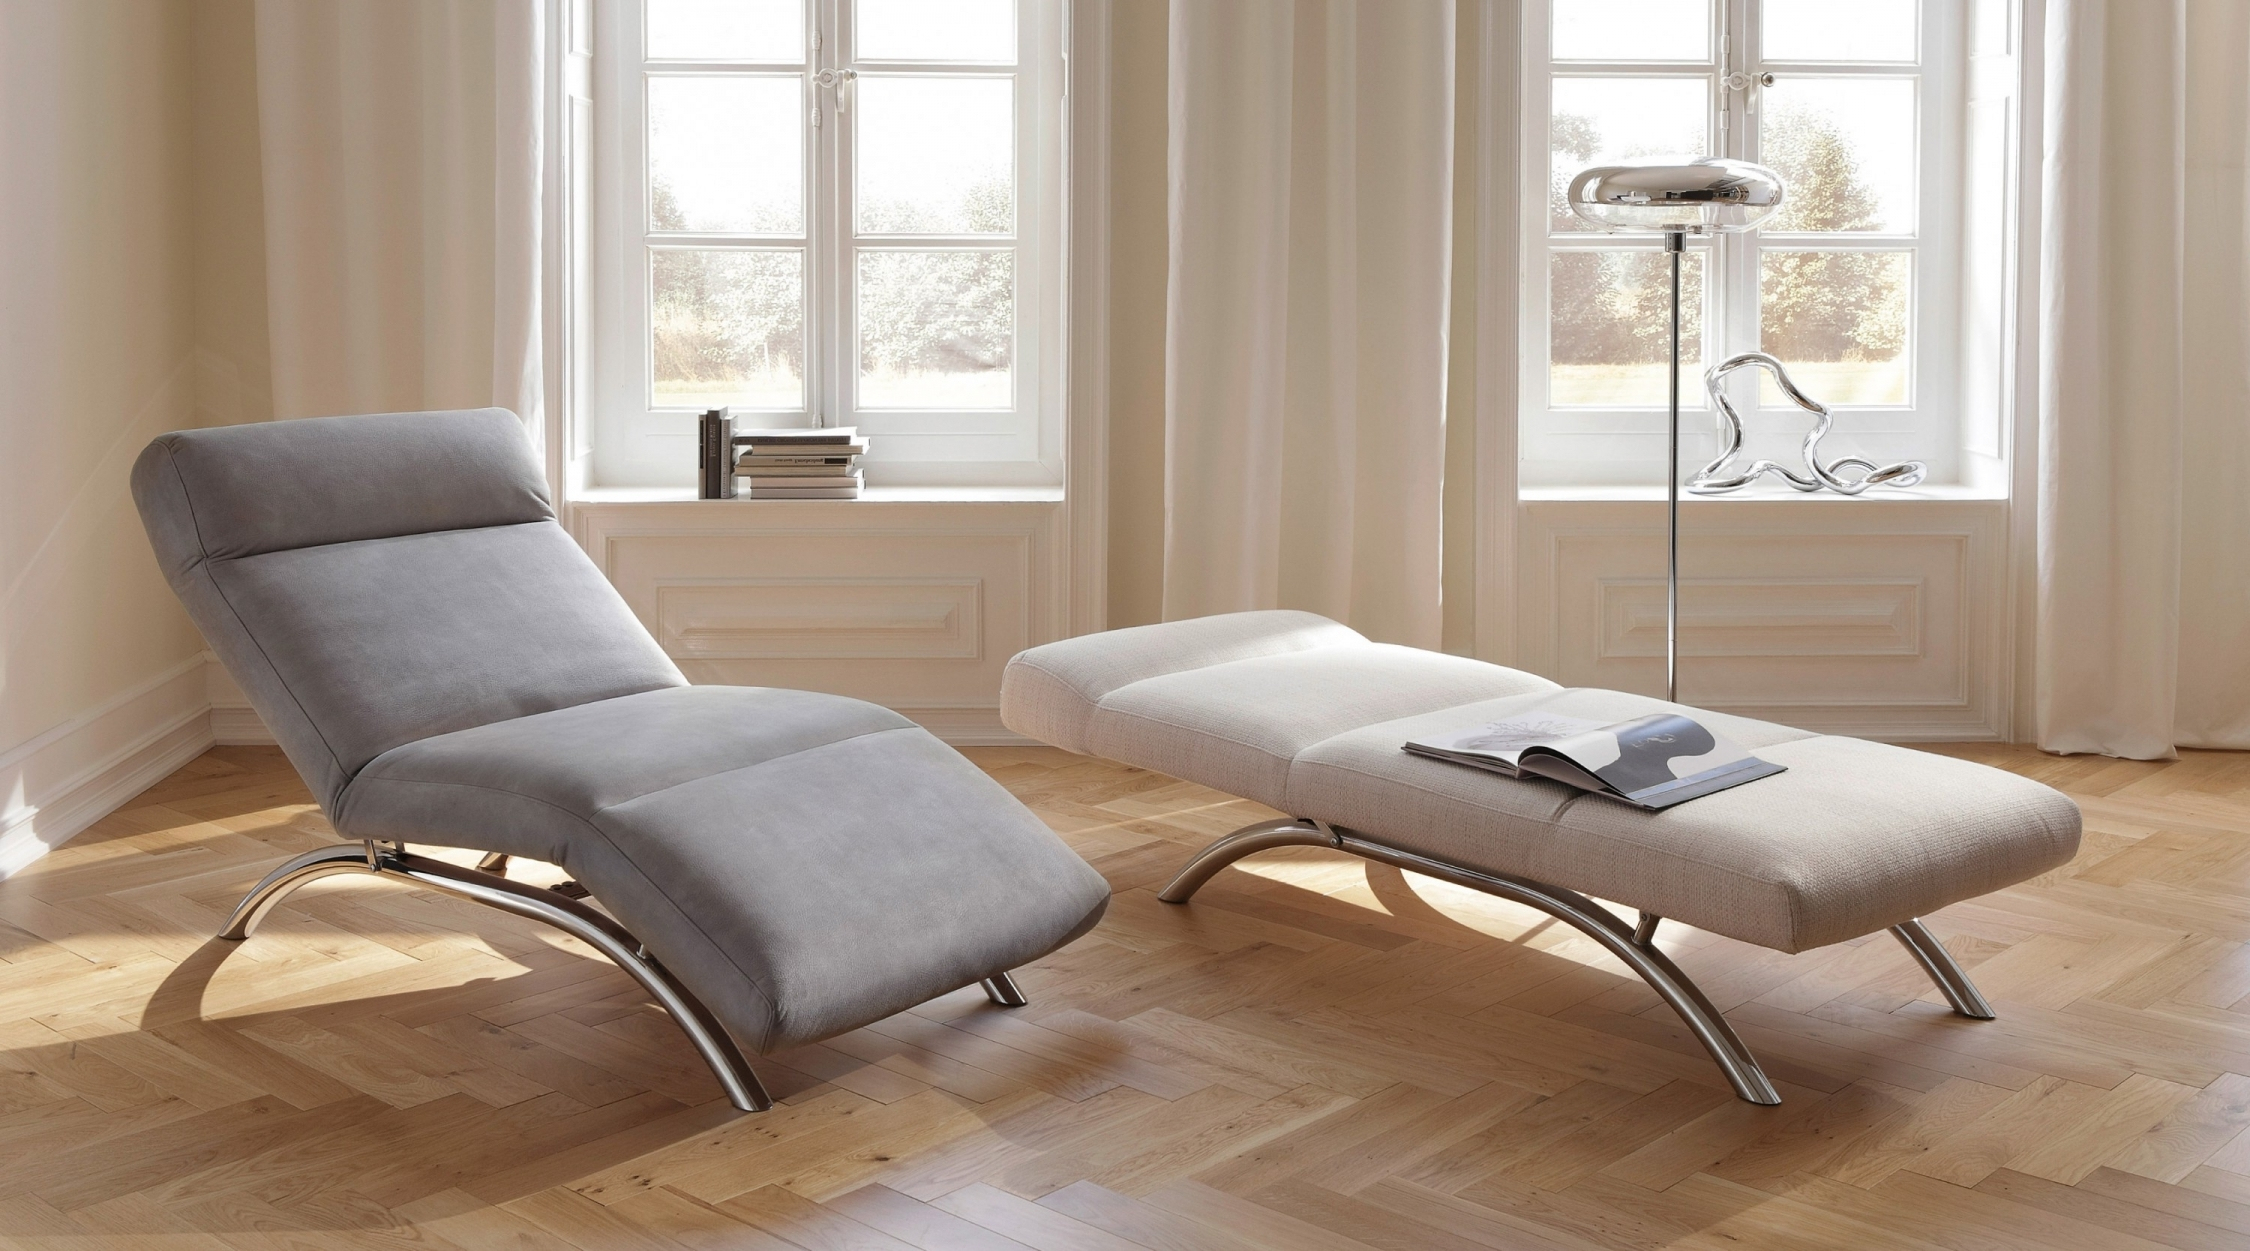 Full Size of Relaxliege Verstellbar Wohnzimmer Liege Designer Liegen Leder Liegestuhl Ikea Stylische Sofa Mit Verstellbarer Sitztiefe Garten Wohnzimmer Relaxliege Verstellbar